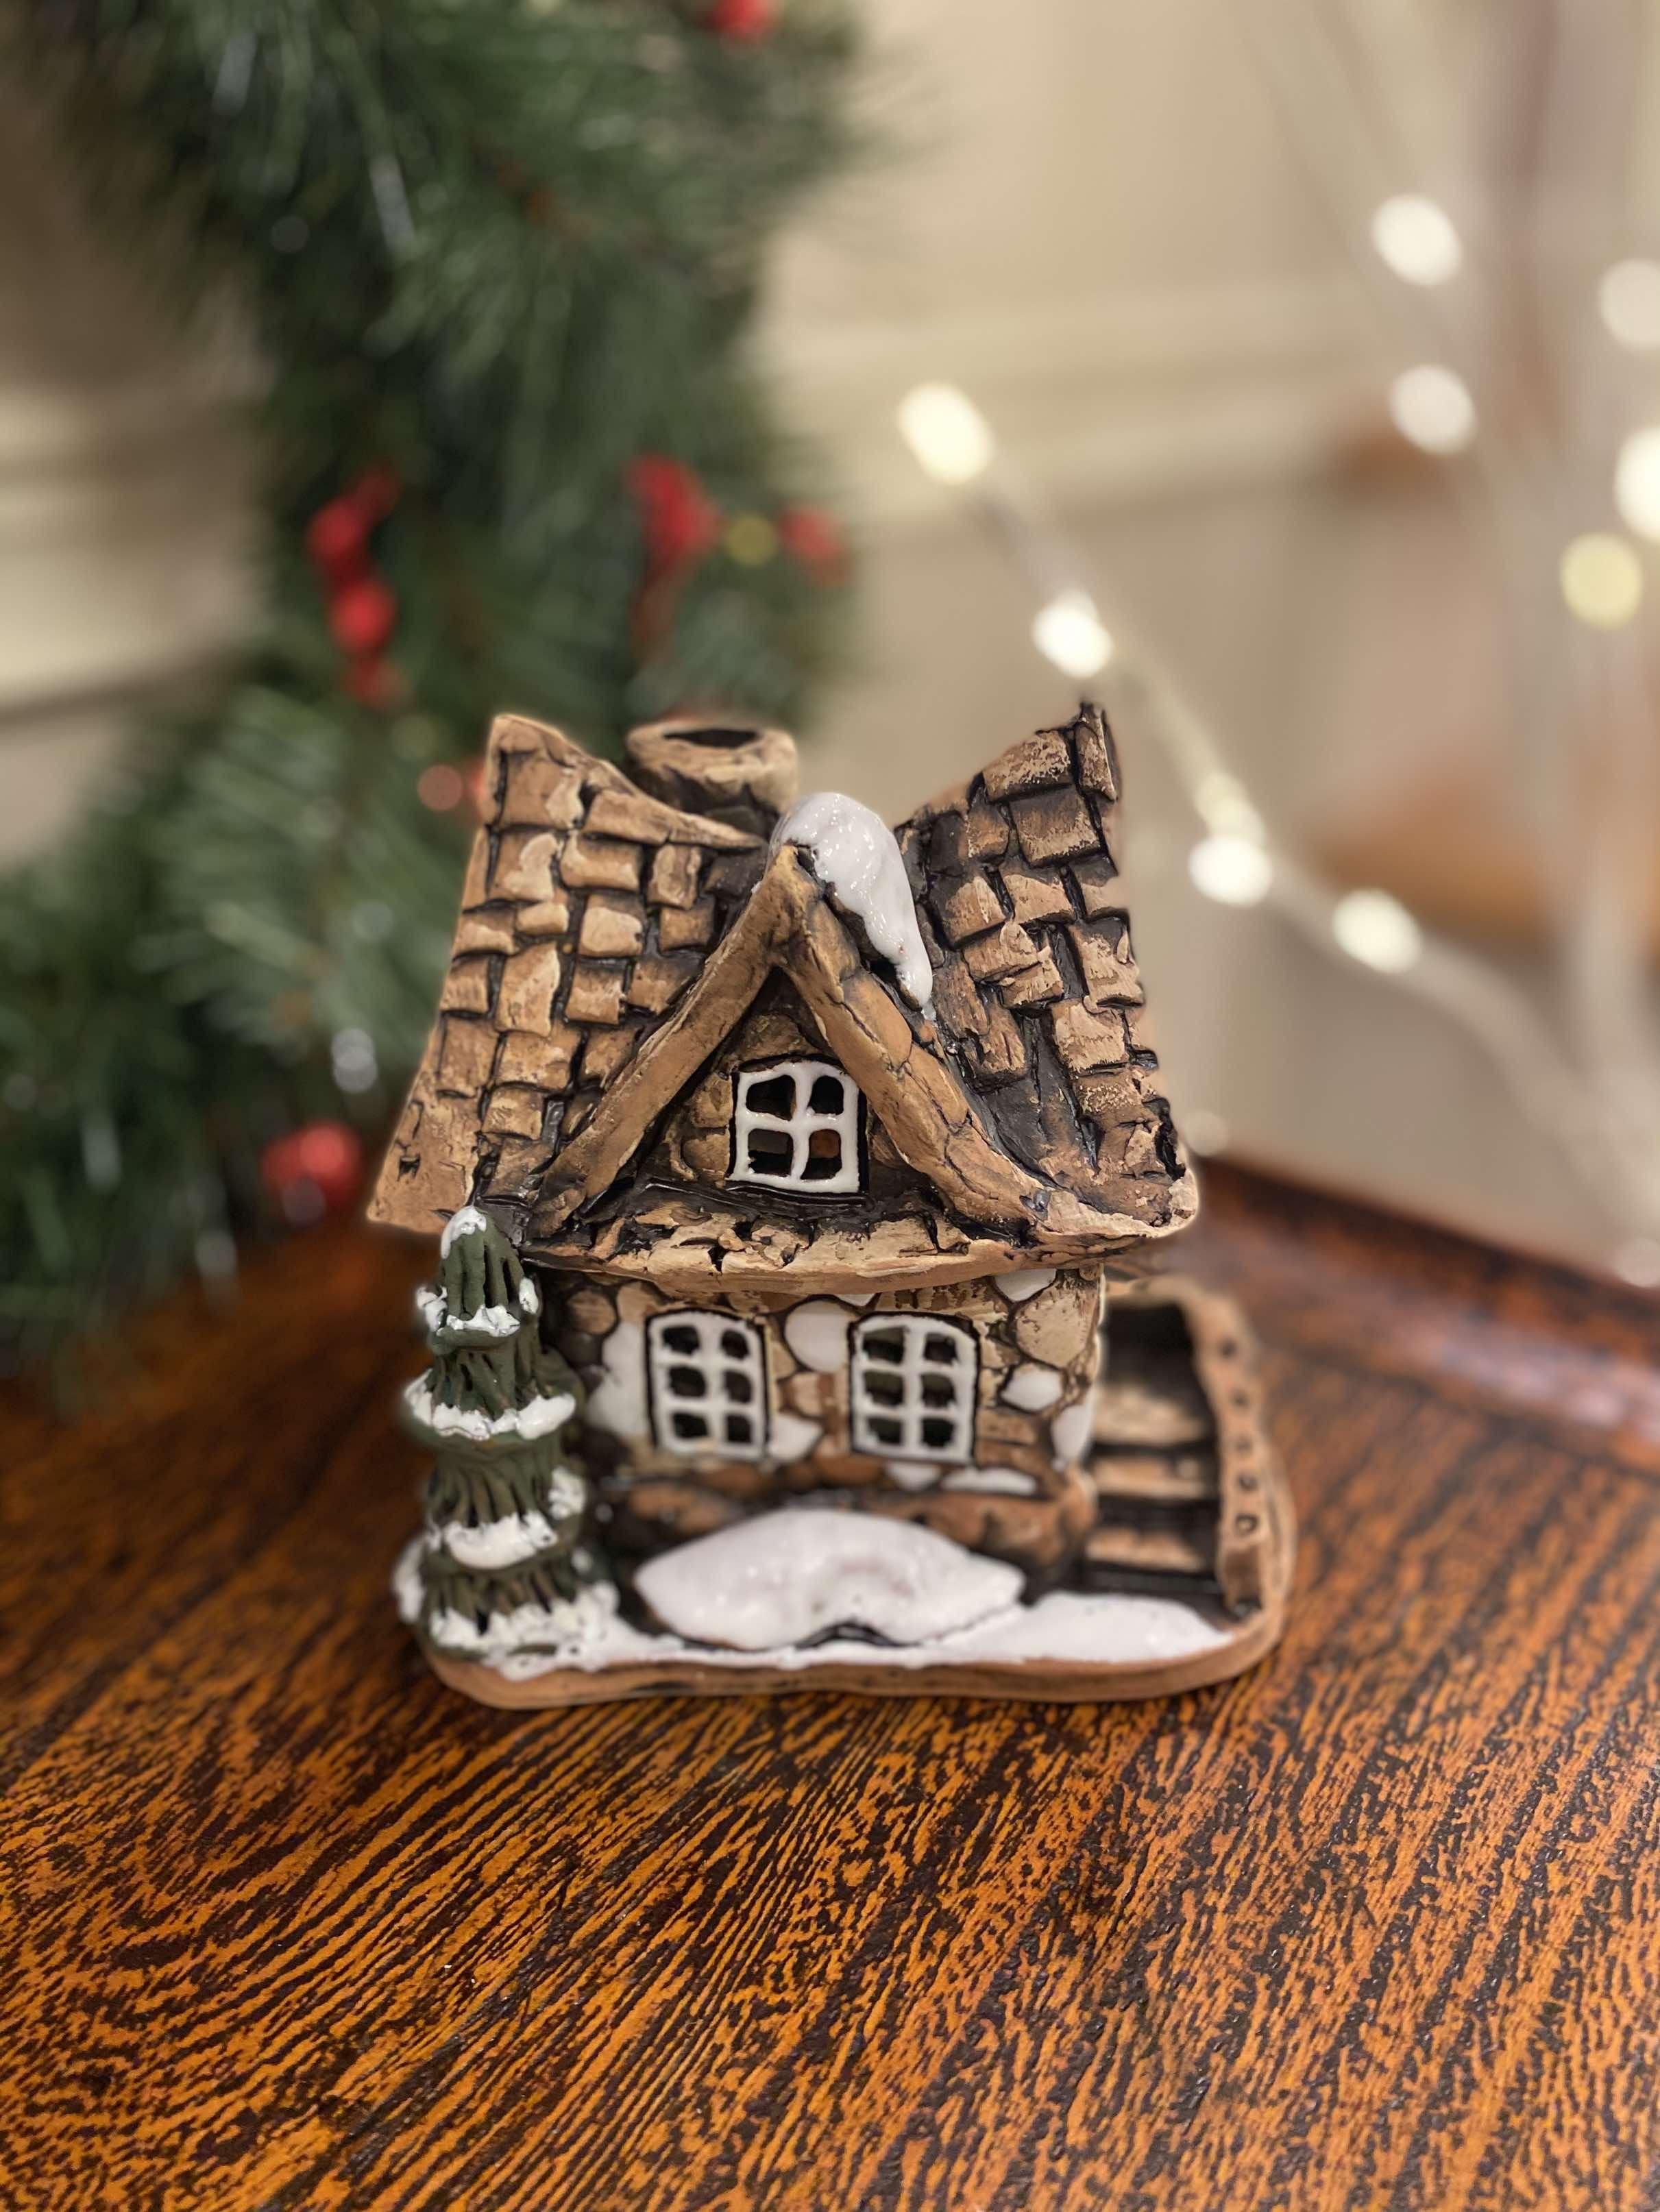 赤煉瓦クリスマスマーケット_1_4-2